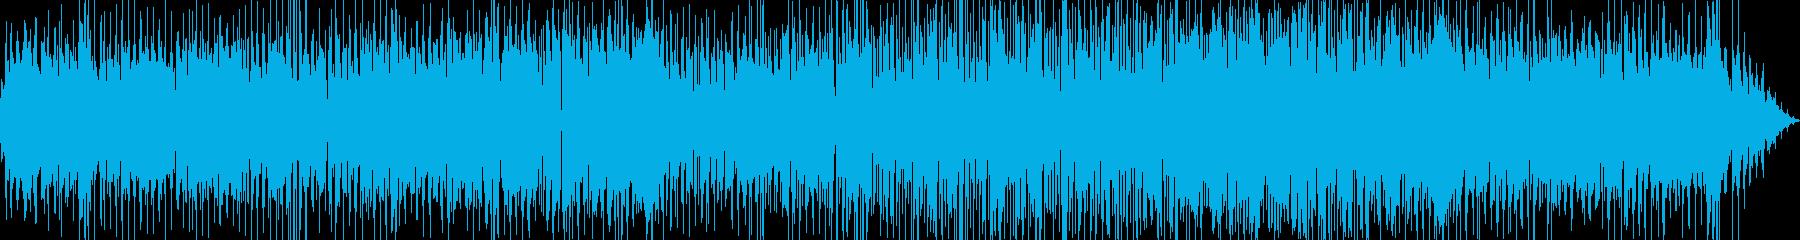 フルートとアコギによる爽やかなボサノバの再生済みの波形